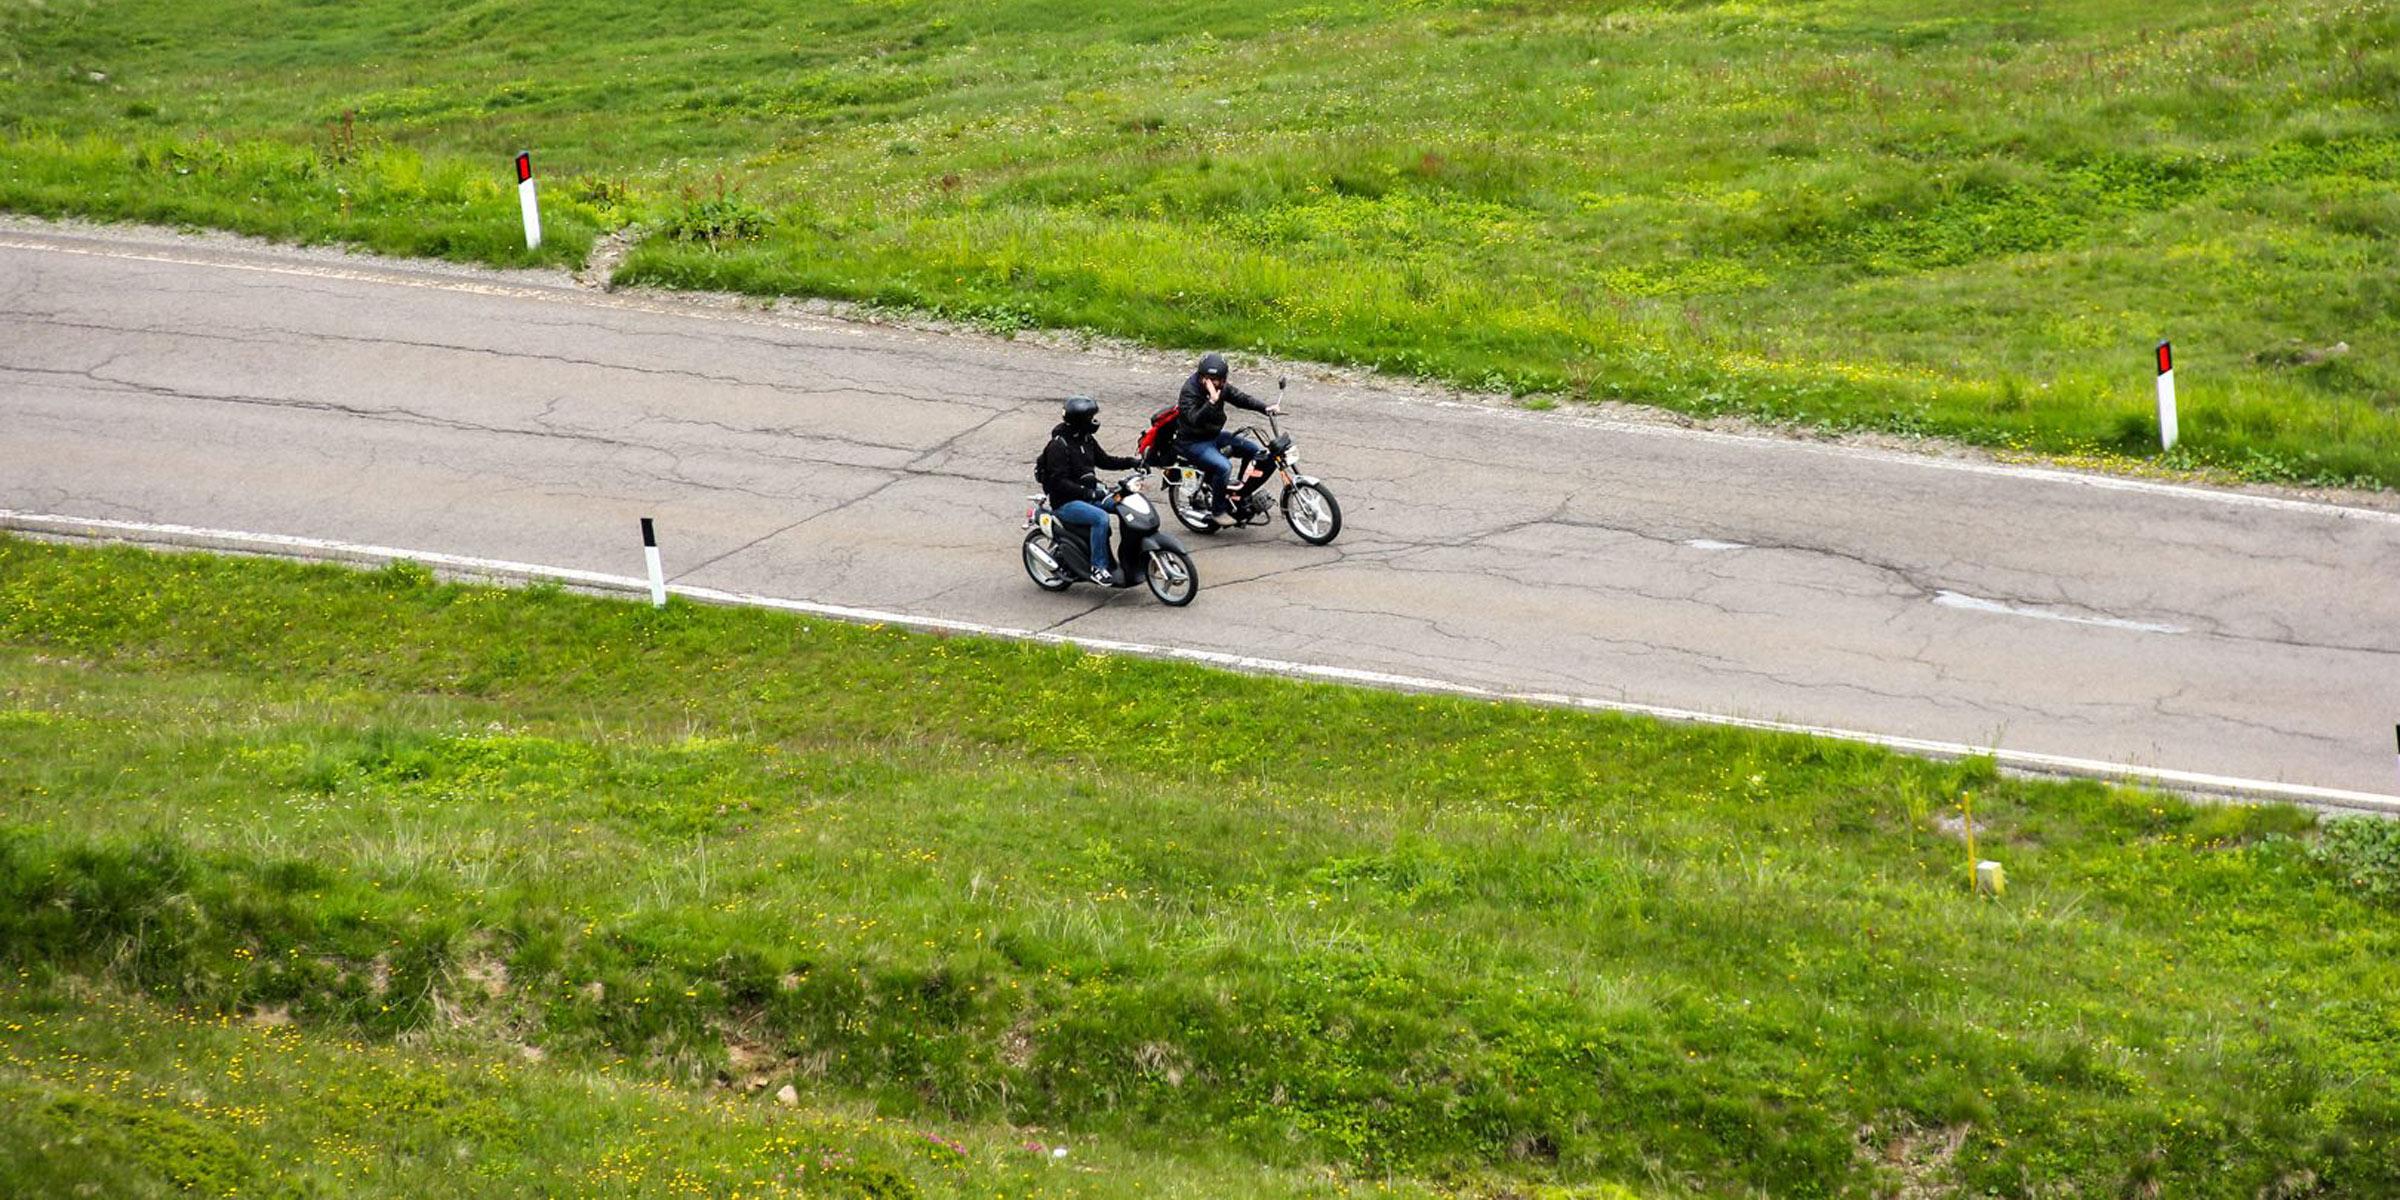 Wer langsam fährt, hat länger Spaß – Ötztaler Mopedmarathon